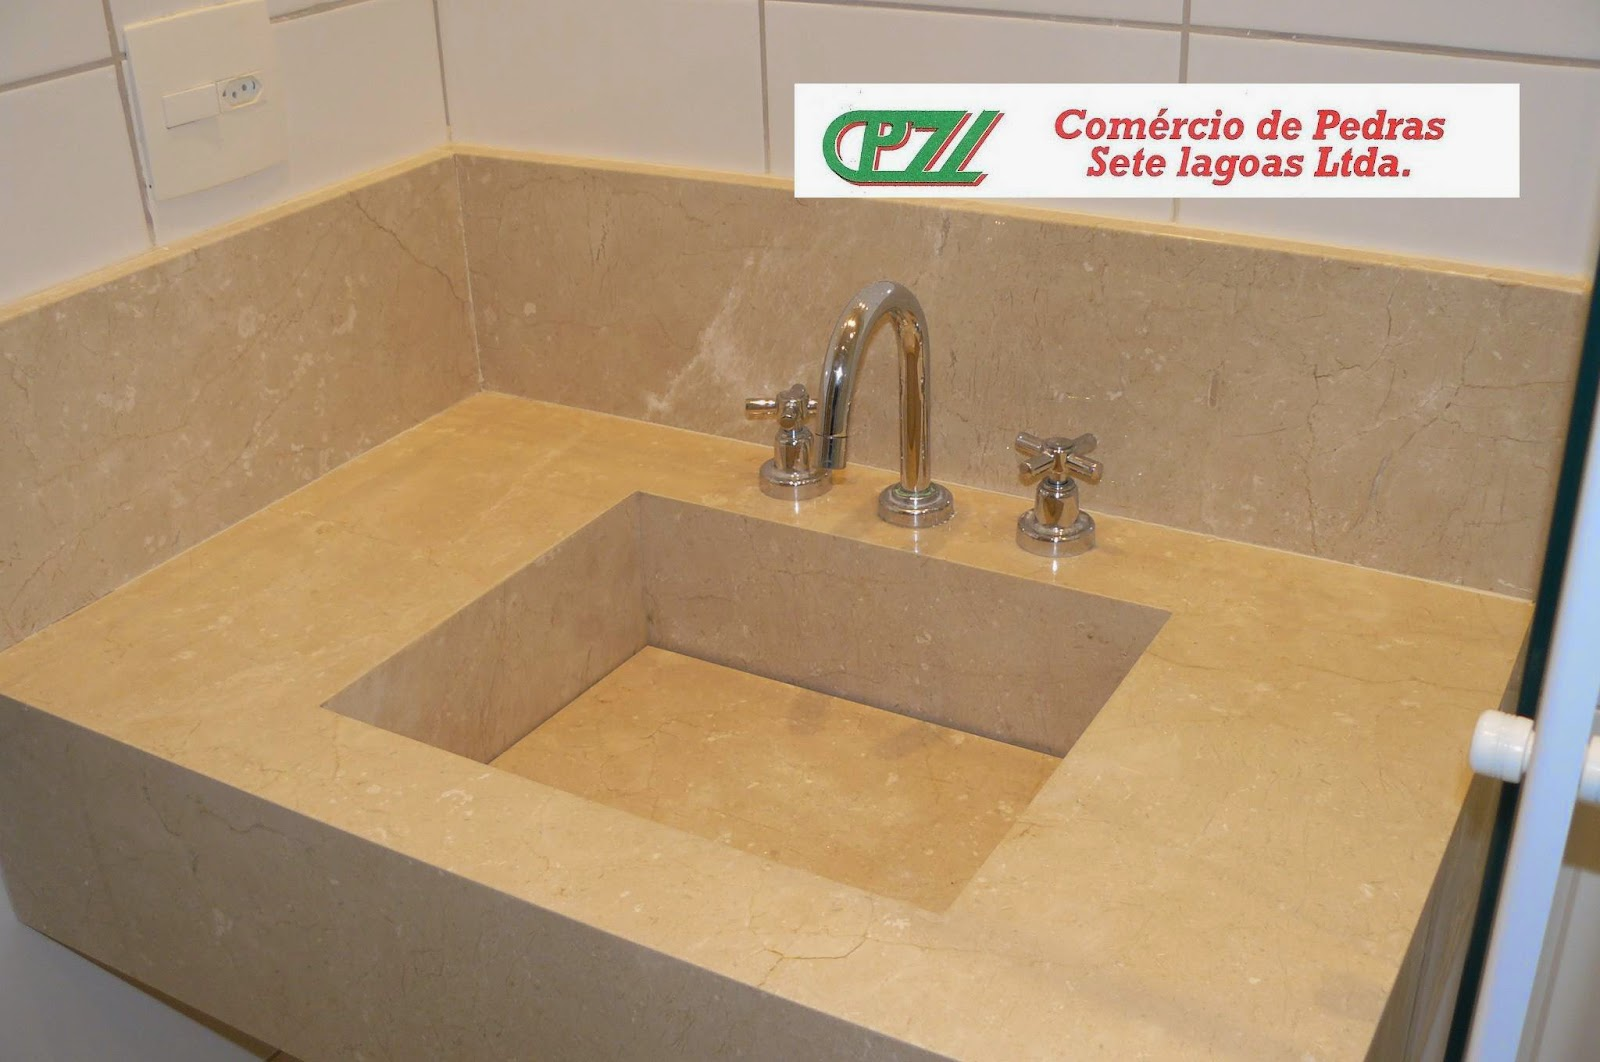 Banheiro Branco Prime  rinkratmagcom banheiros decorados 2017 # Cuba Escupida Banheiro